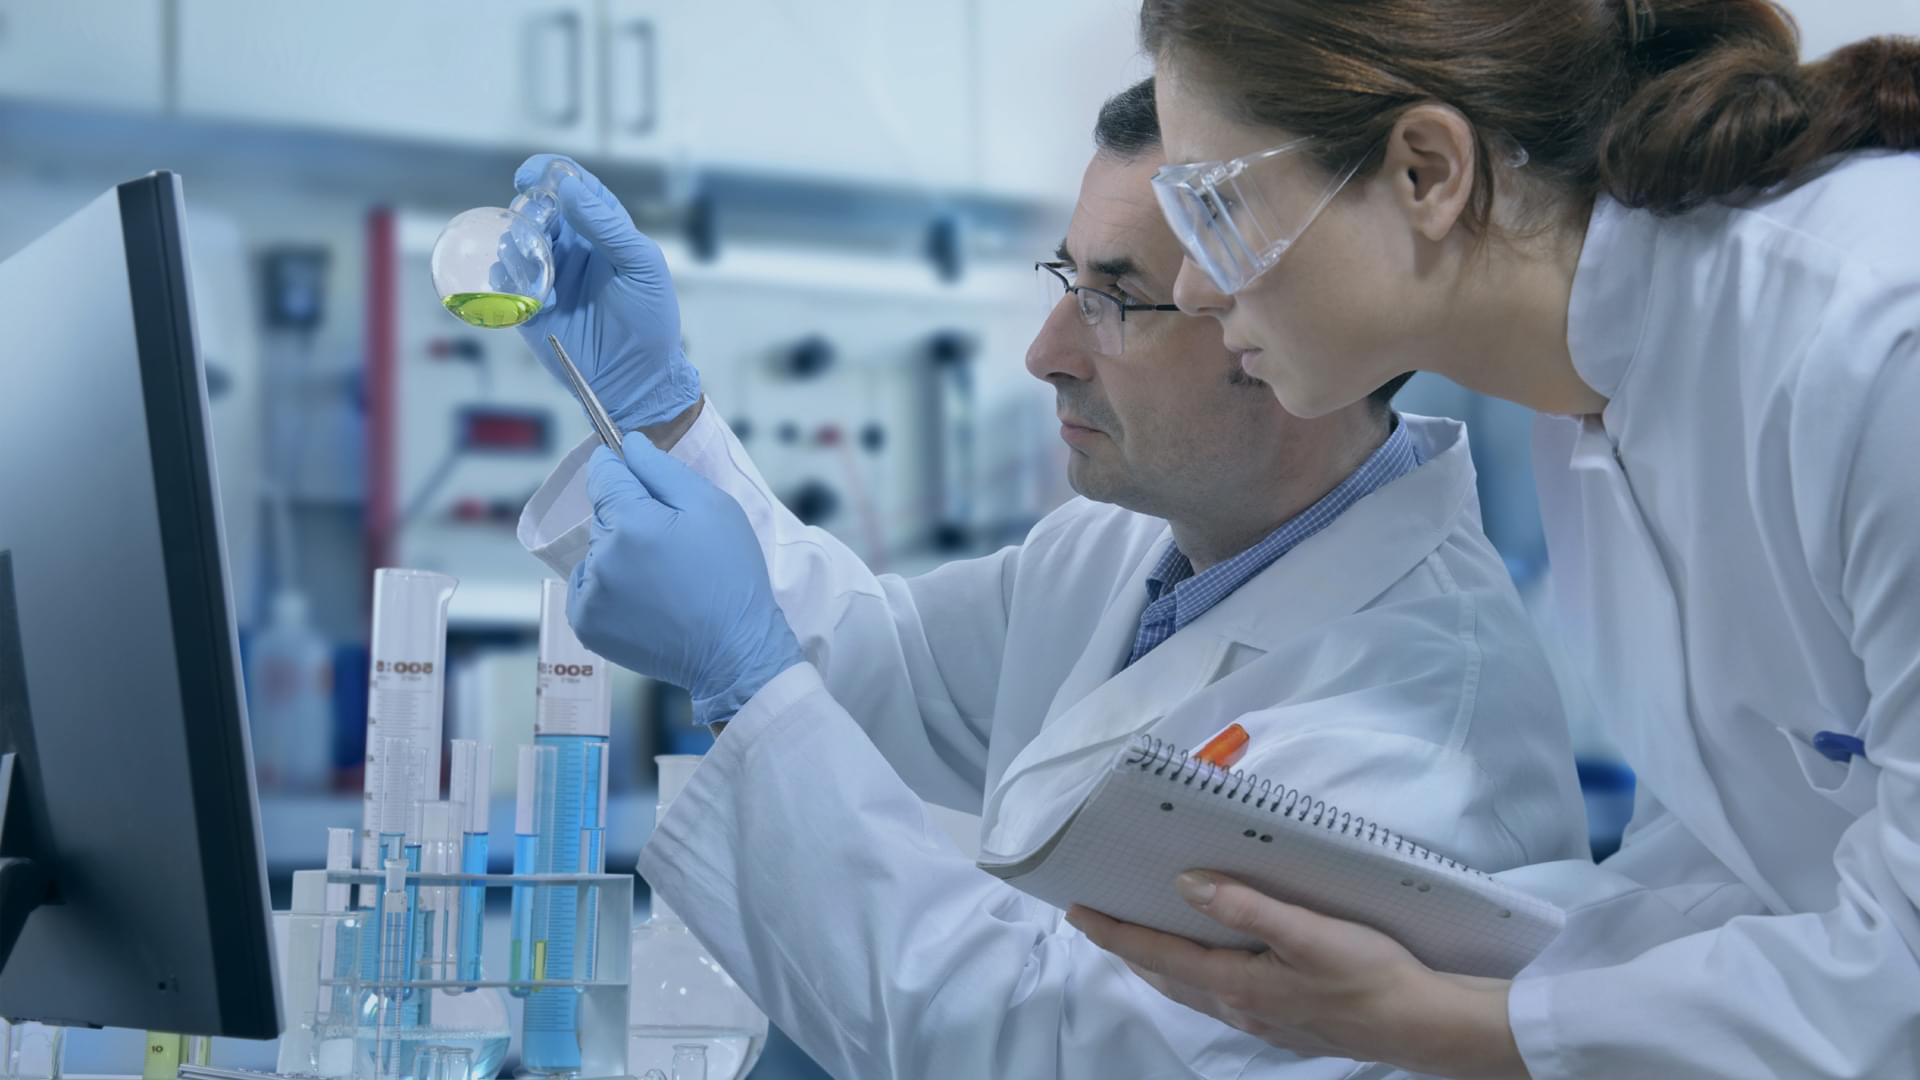 Kết quả hình ảnh cho Công nghệ sinh học hướng đến thân thiện với môi trường